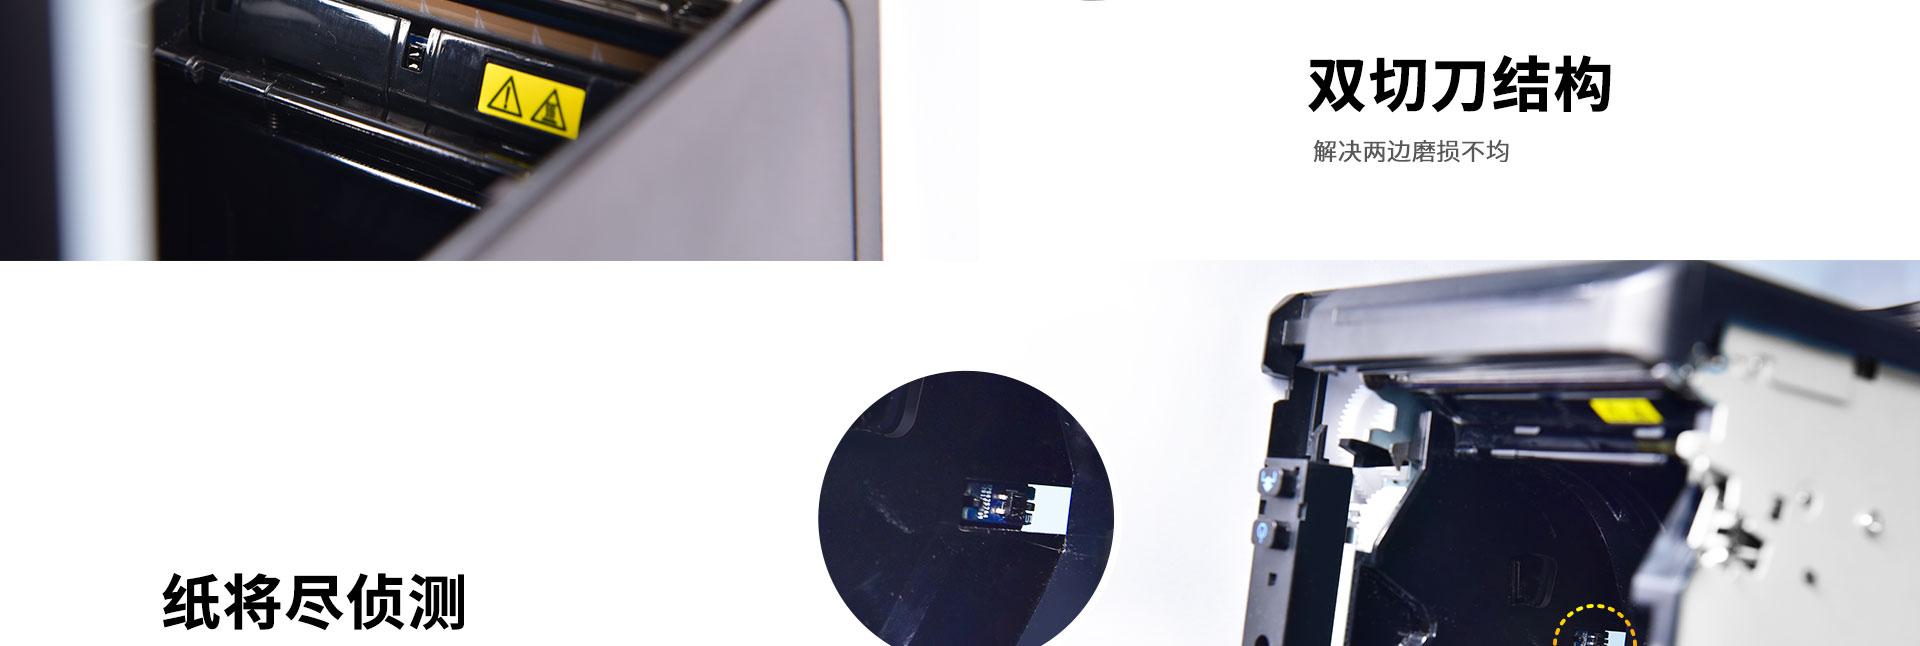 TP808立体时尚设计热敏票据打印机  第7张